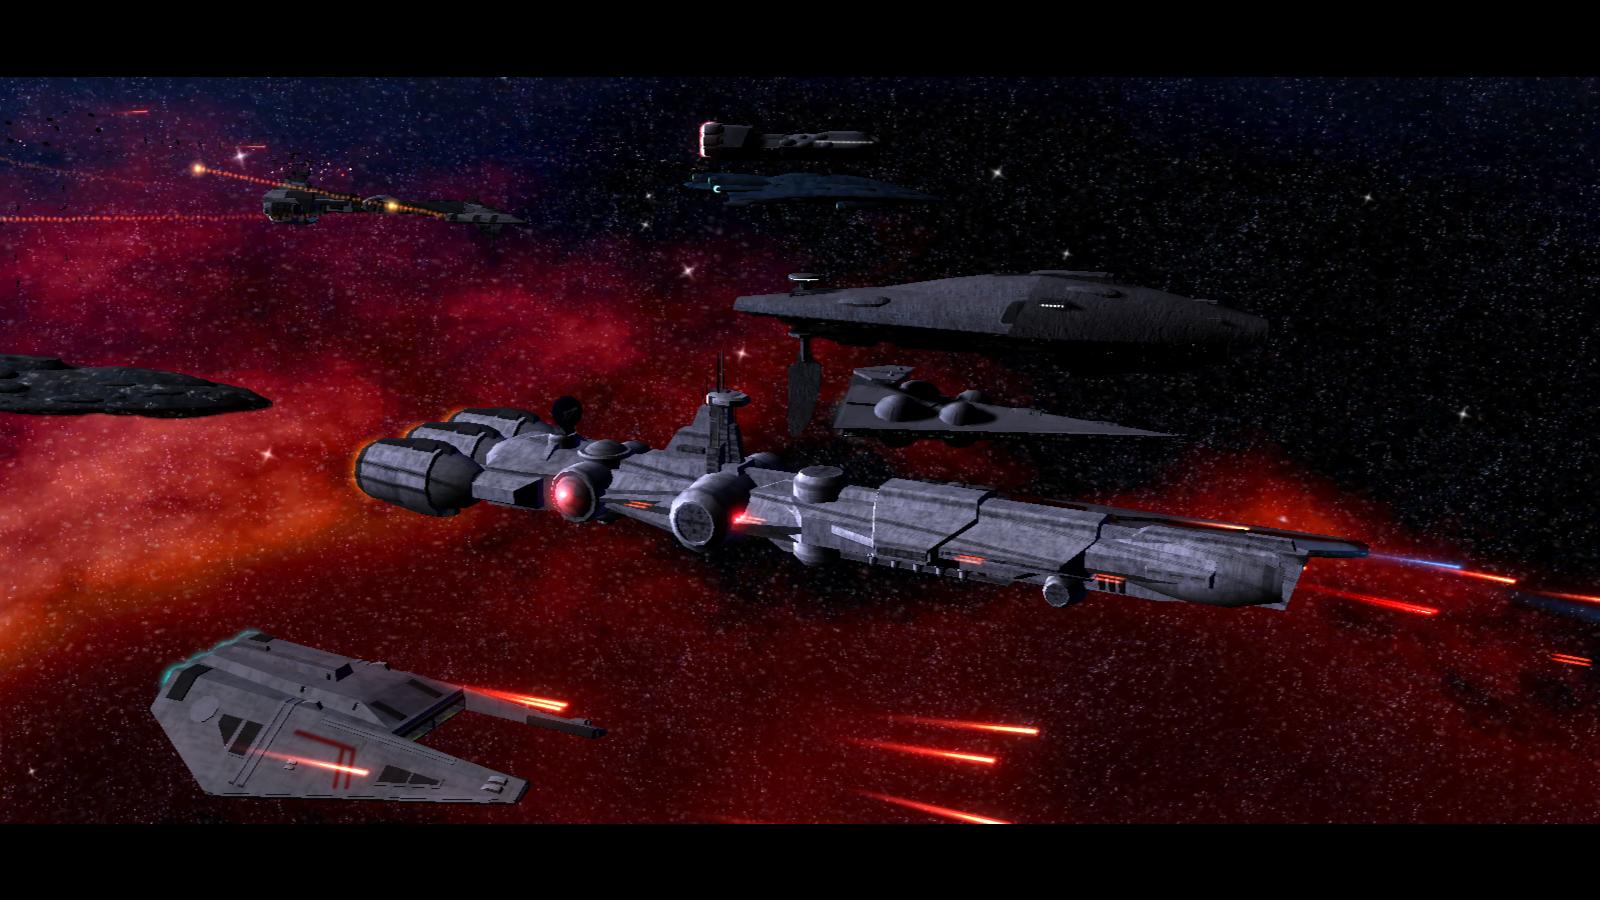 NR fleet